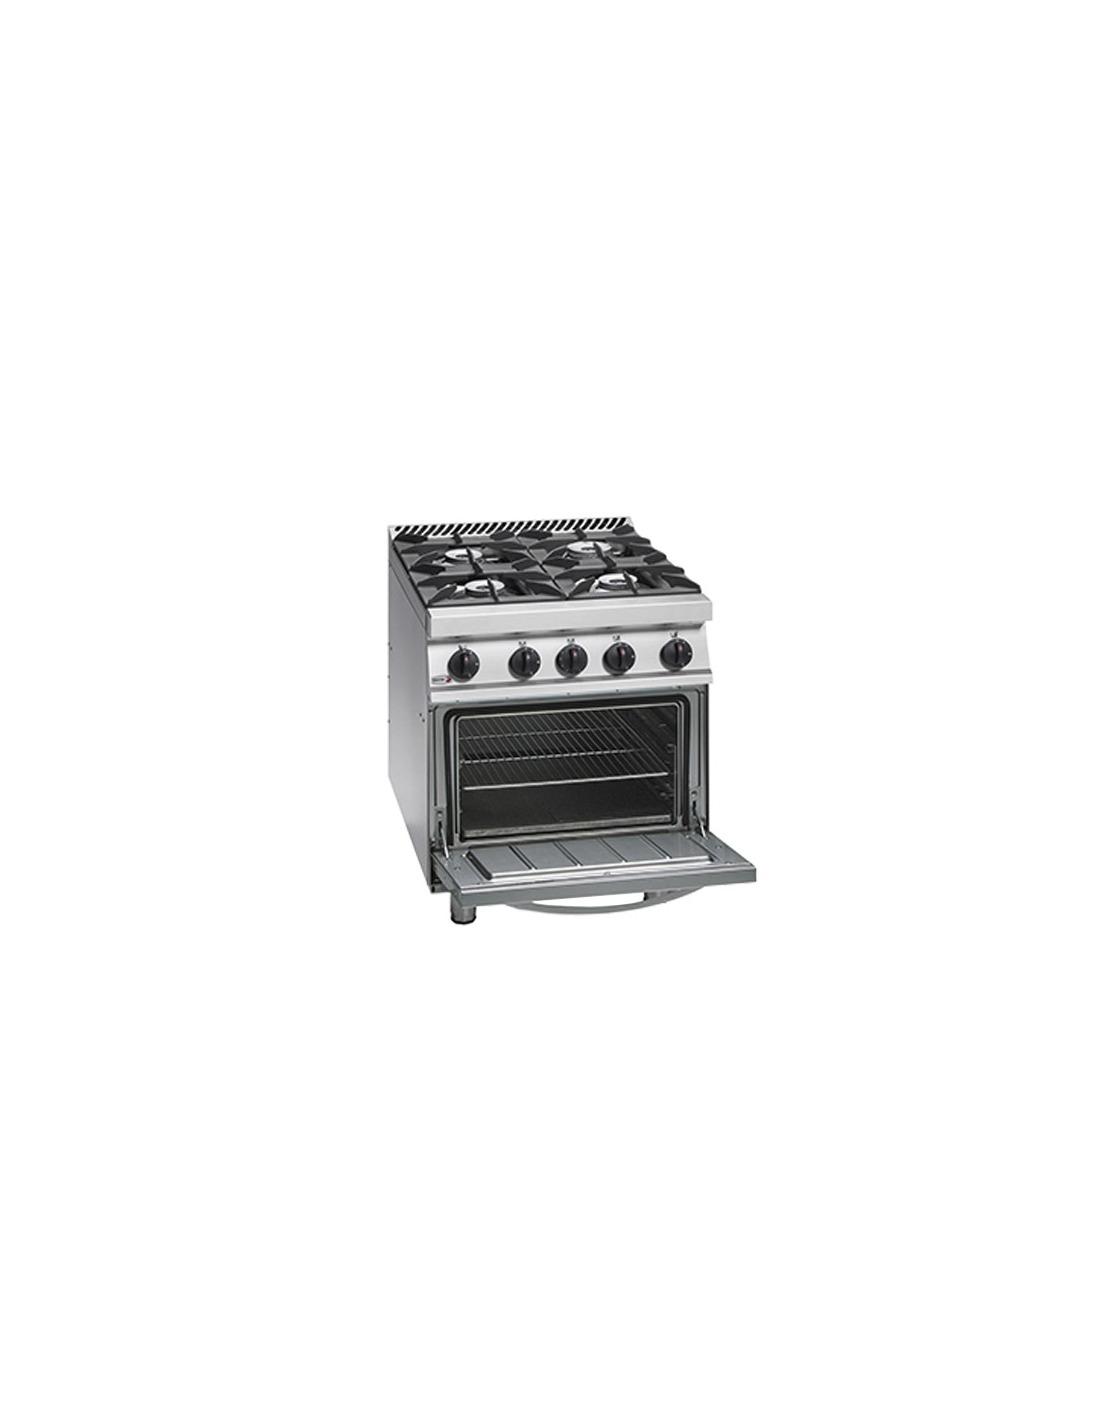 Cocina industrial 4 fuegos con horno fagor for Cocina 4 fuegos con horno a gas